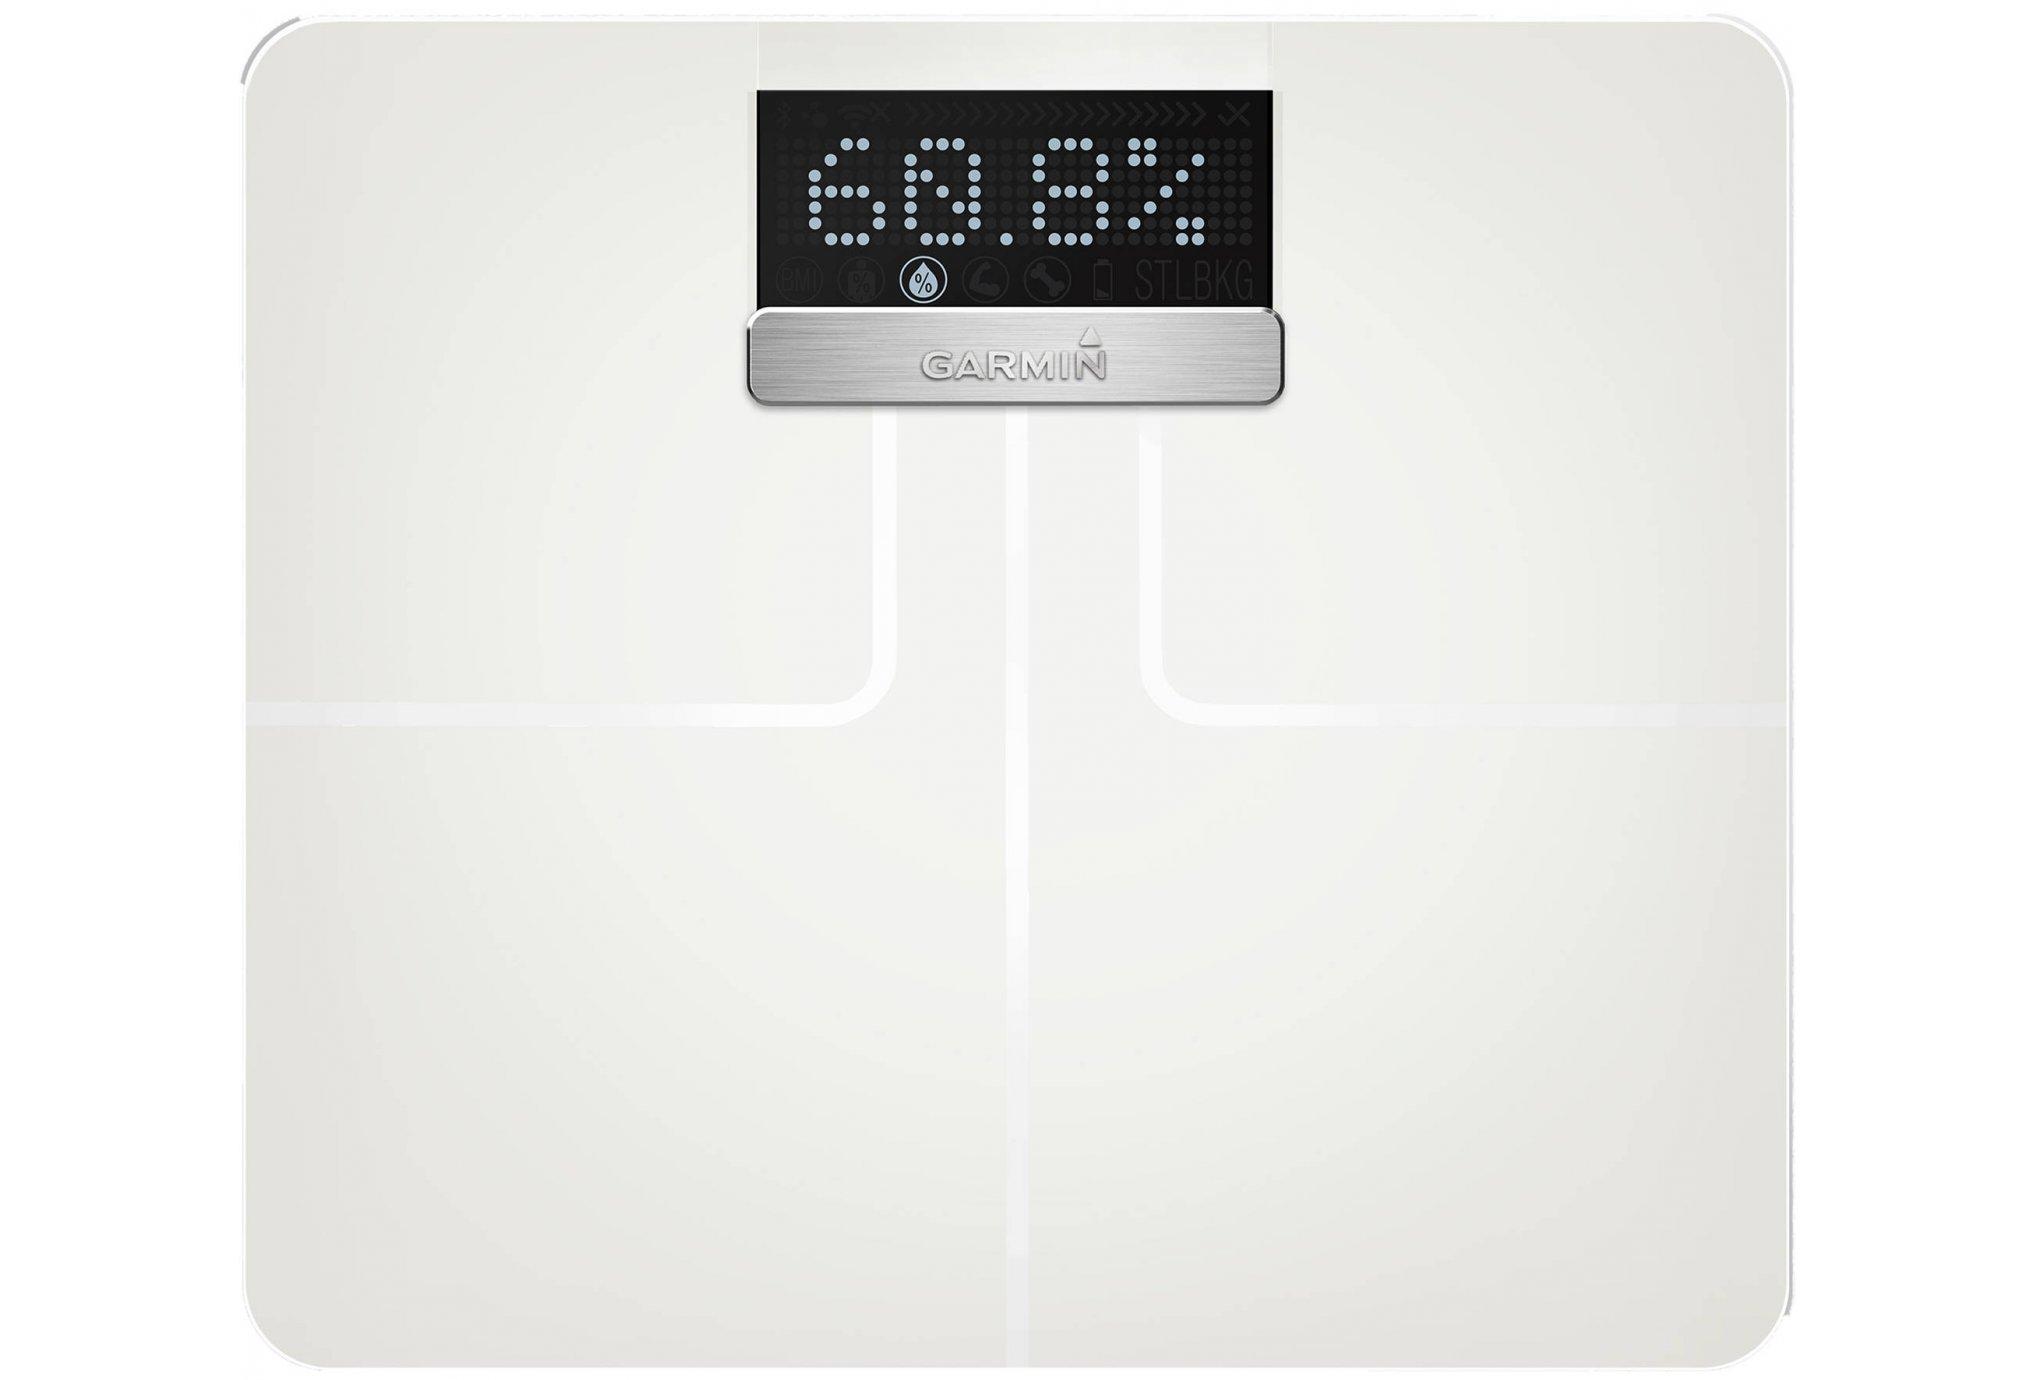 Garmin Balance smart scale accessoires connectés